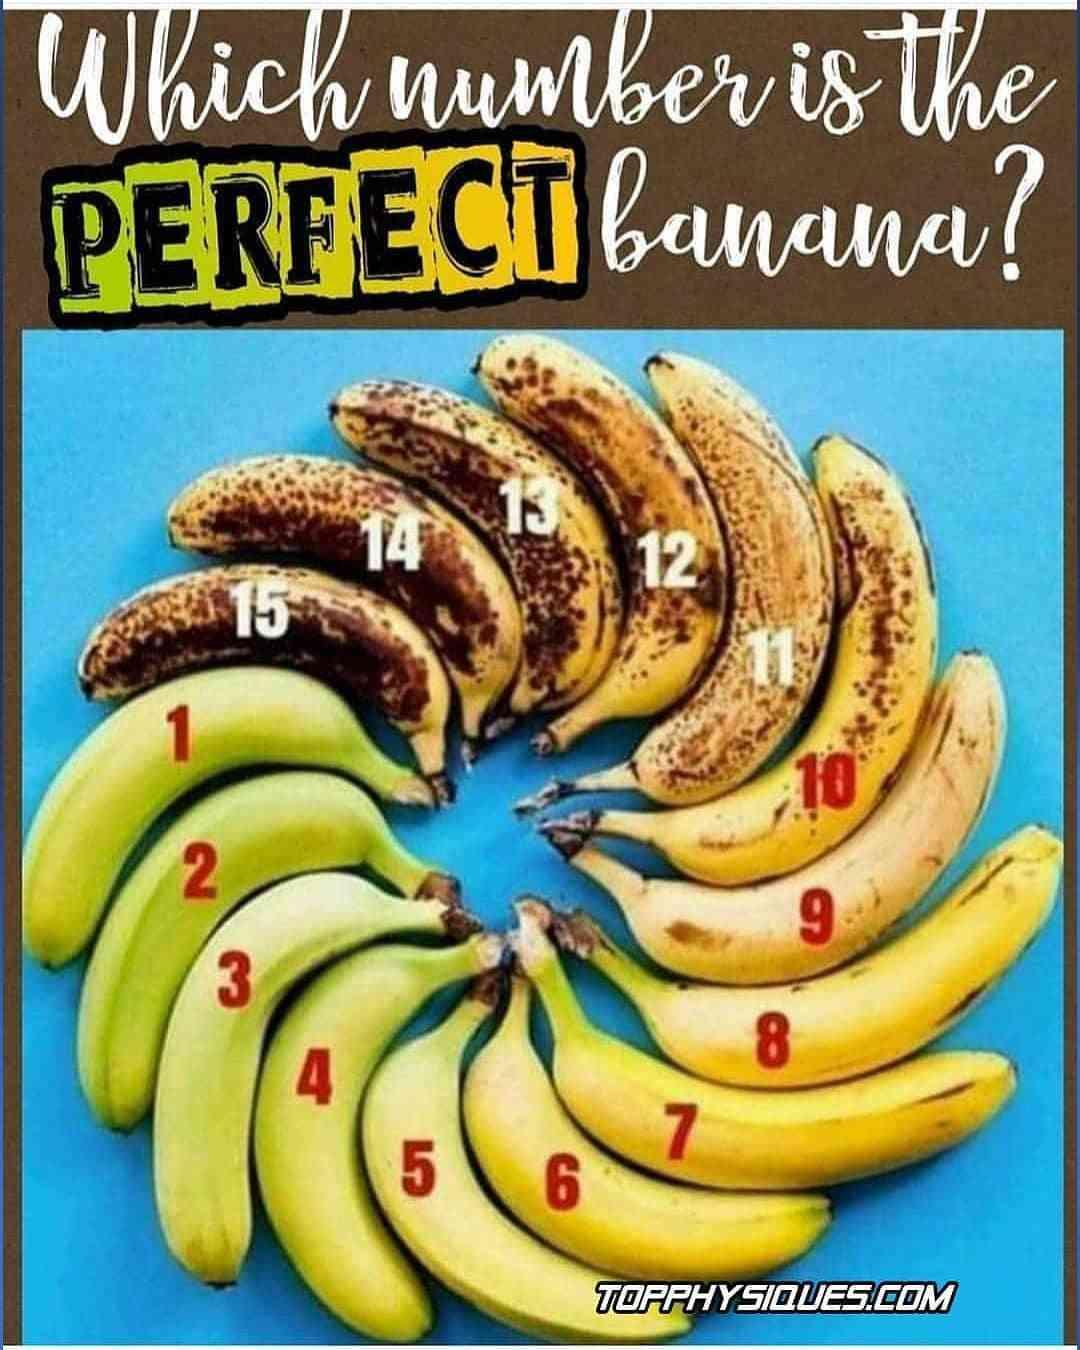 皆さんどの状態の「バナナ」が最も良いか?ネット上で議論が起きているらしい